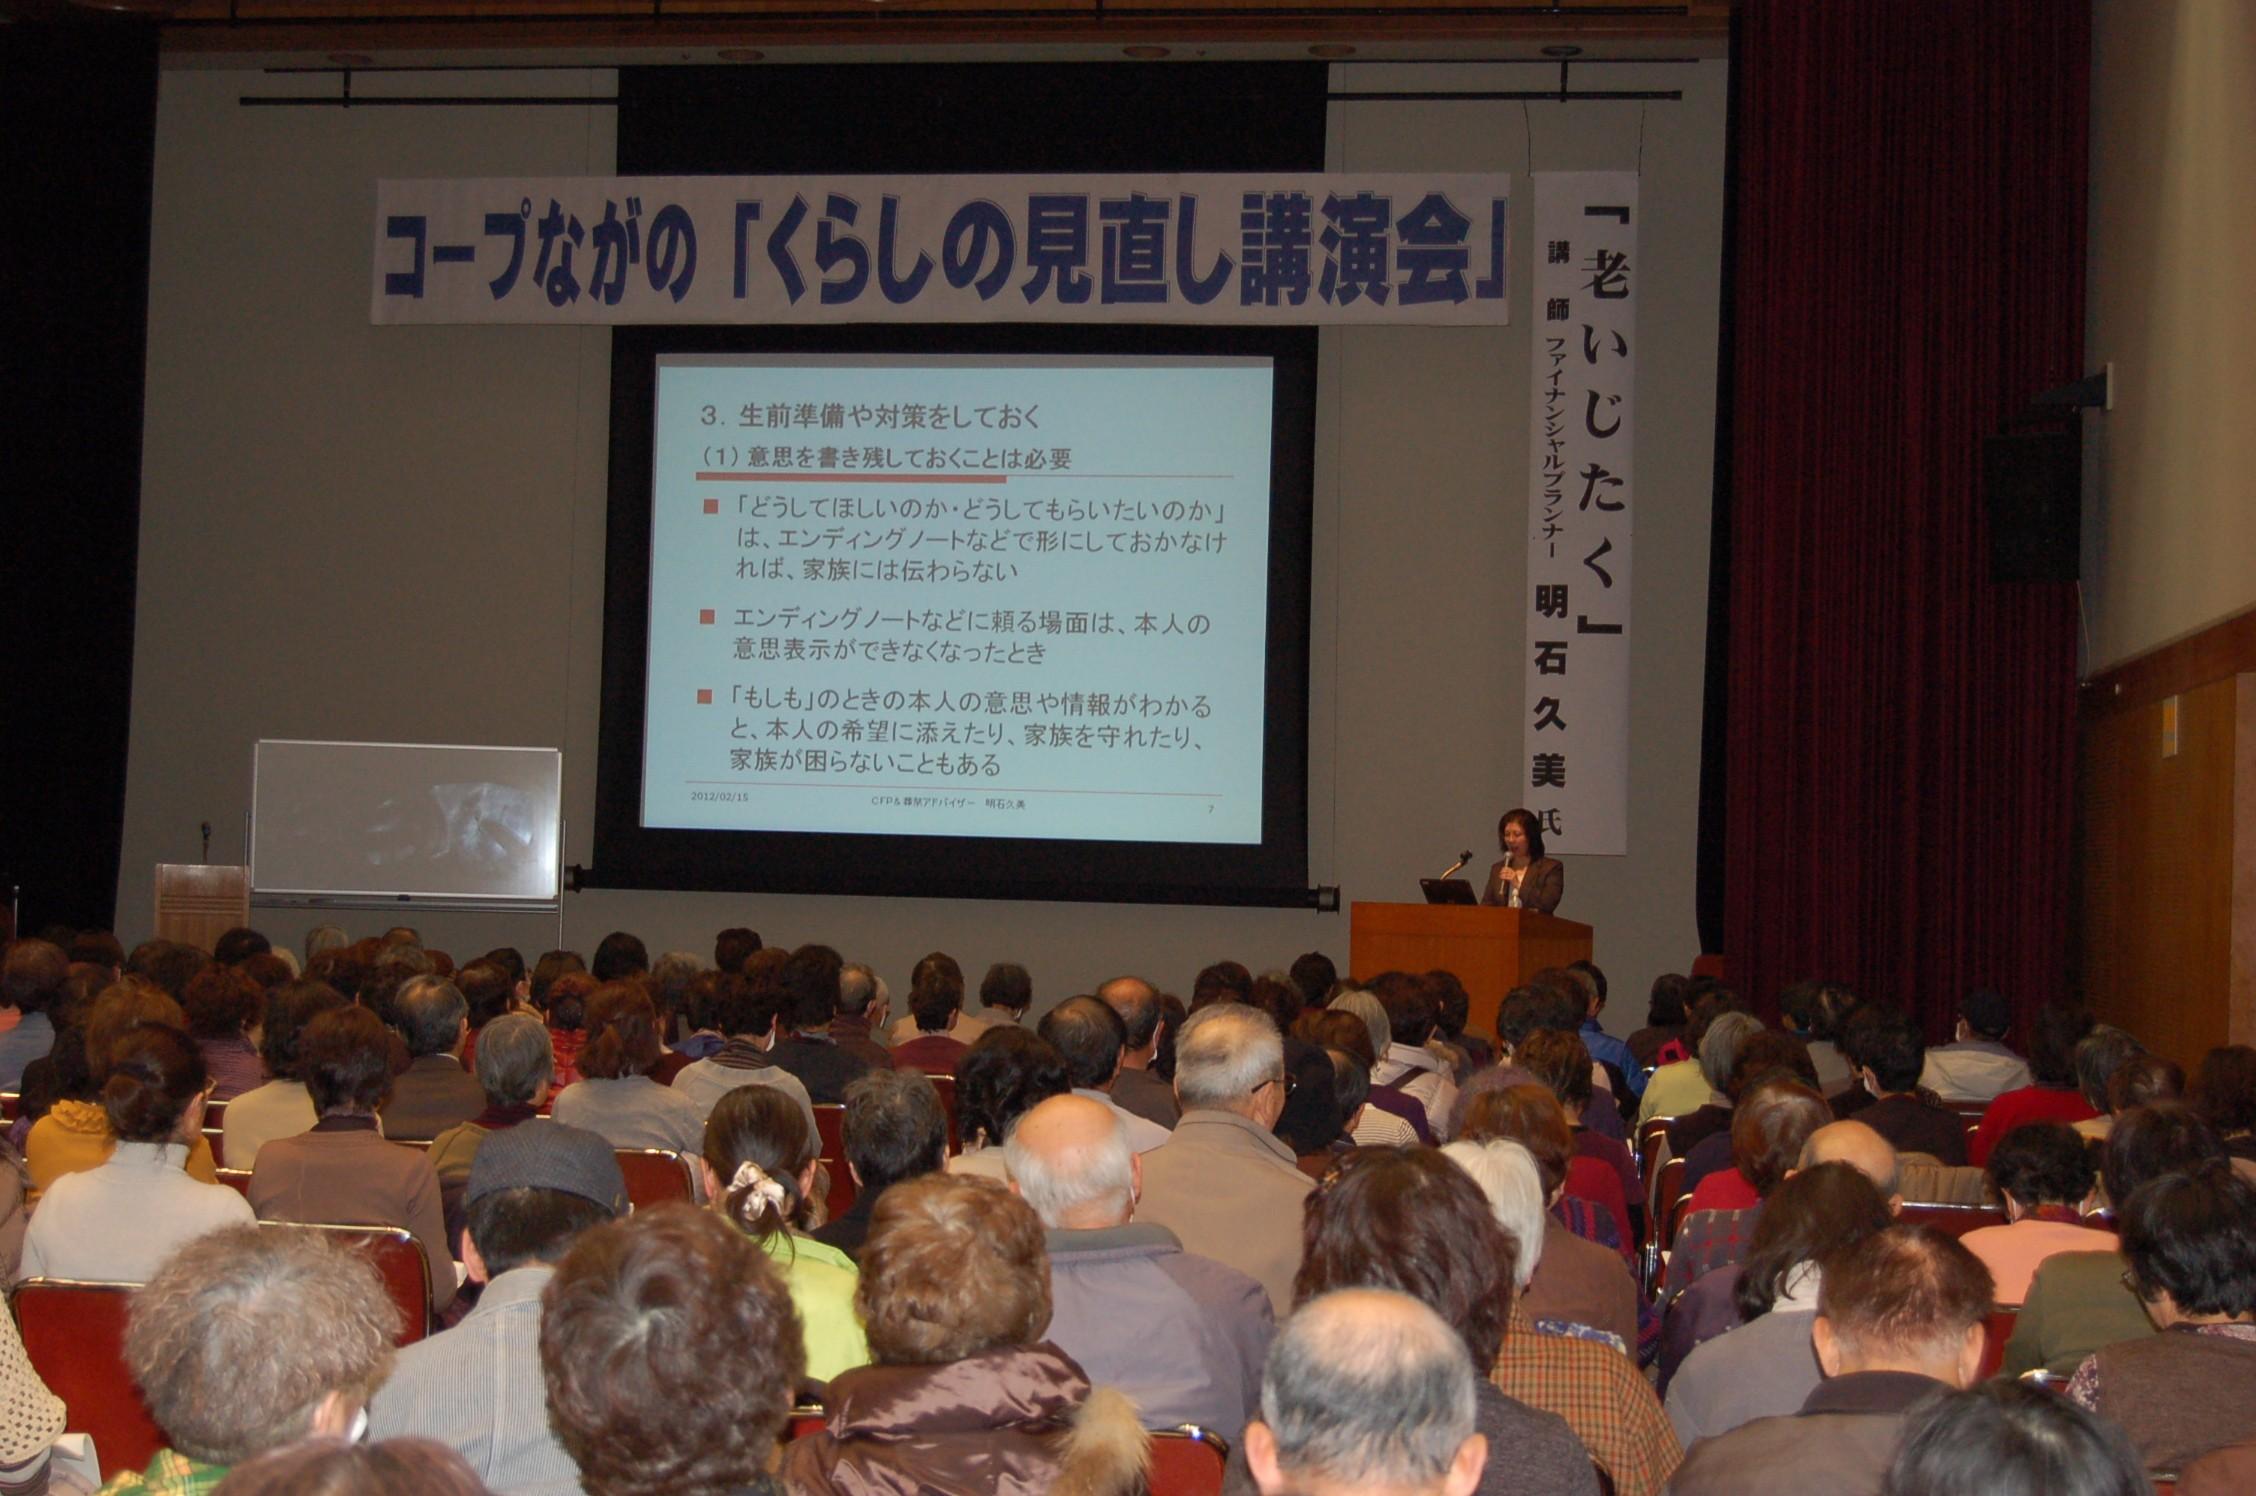 2012年2月15日コープ長野主催 終活講演会の様子(講師:明石久美)